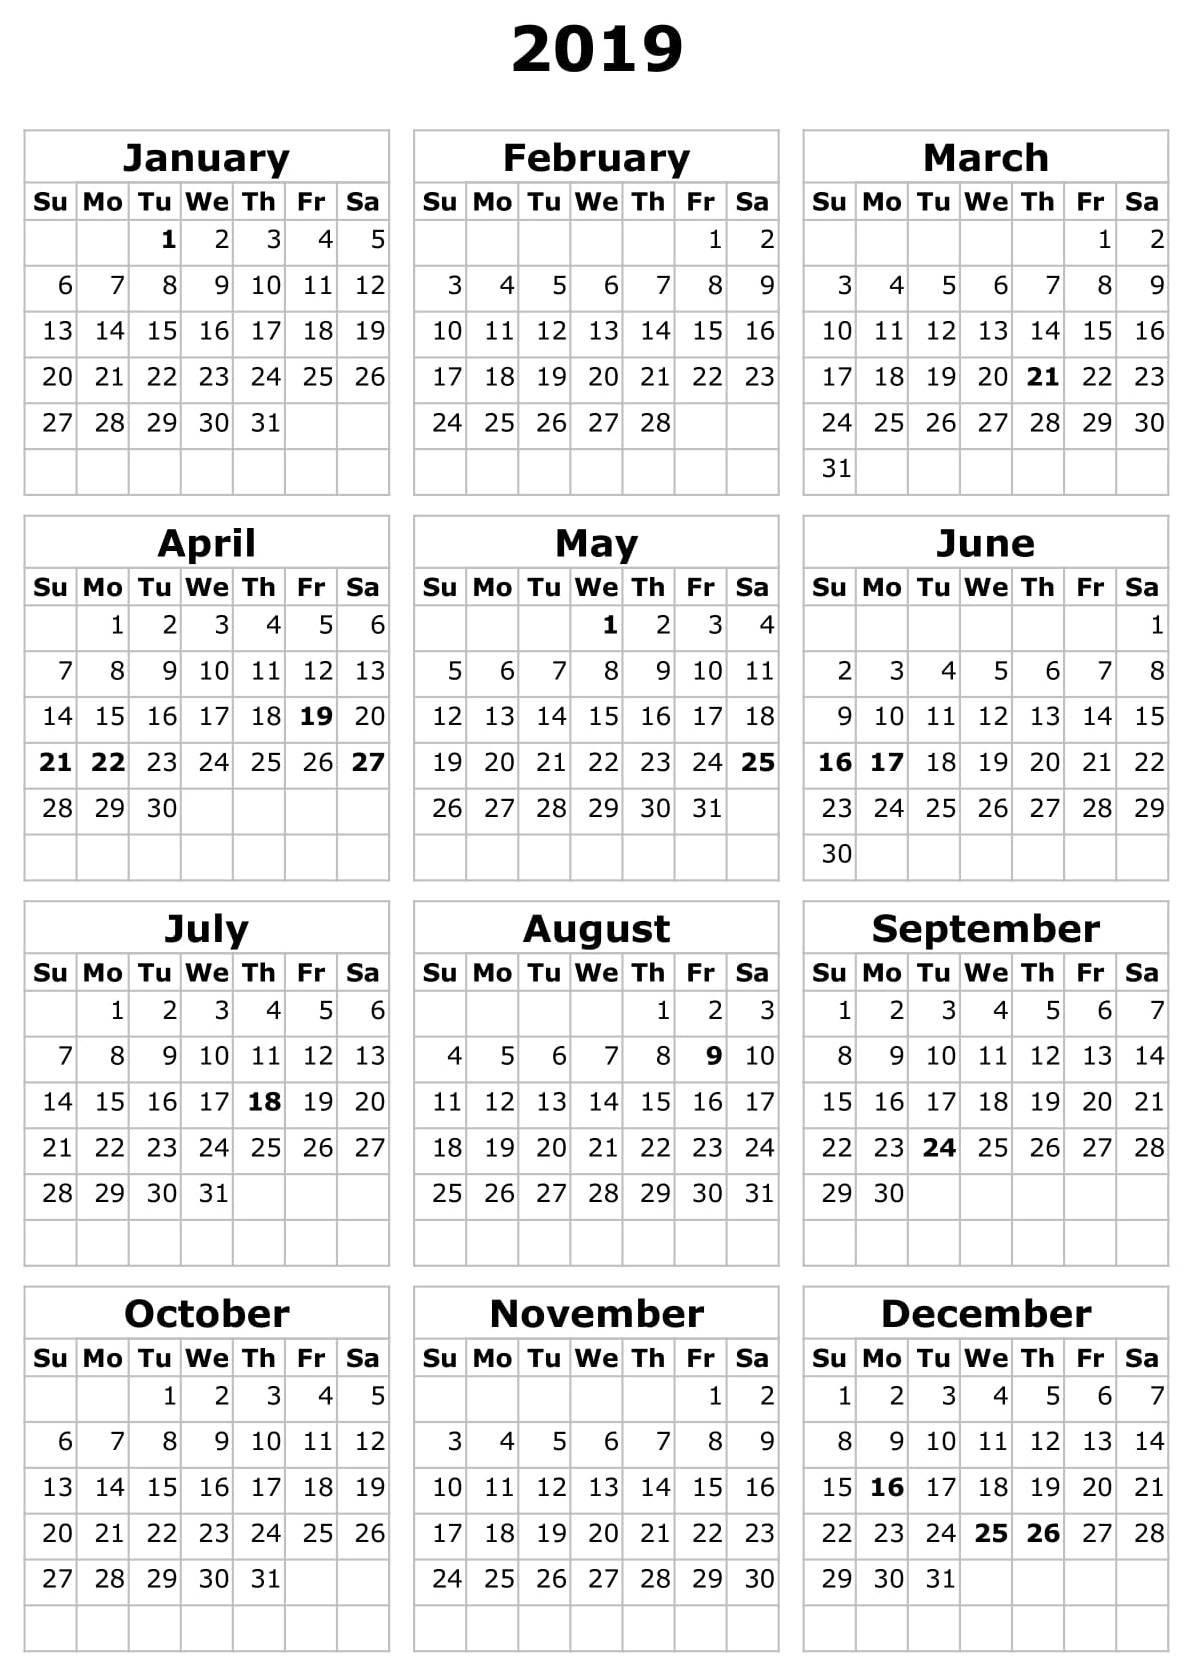 Calendar 2019 South Africa Excel – Free Calendar Templates Calendar 2019 Excel South Africa